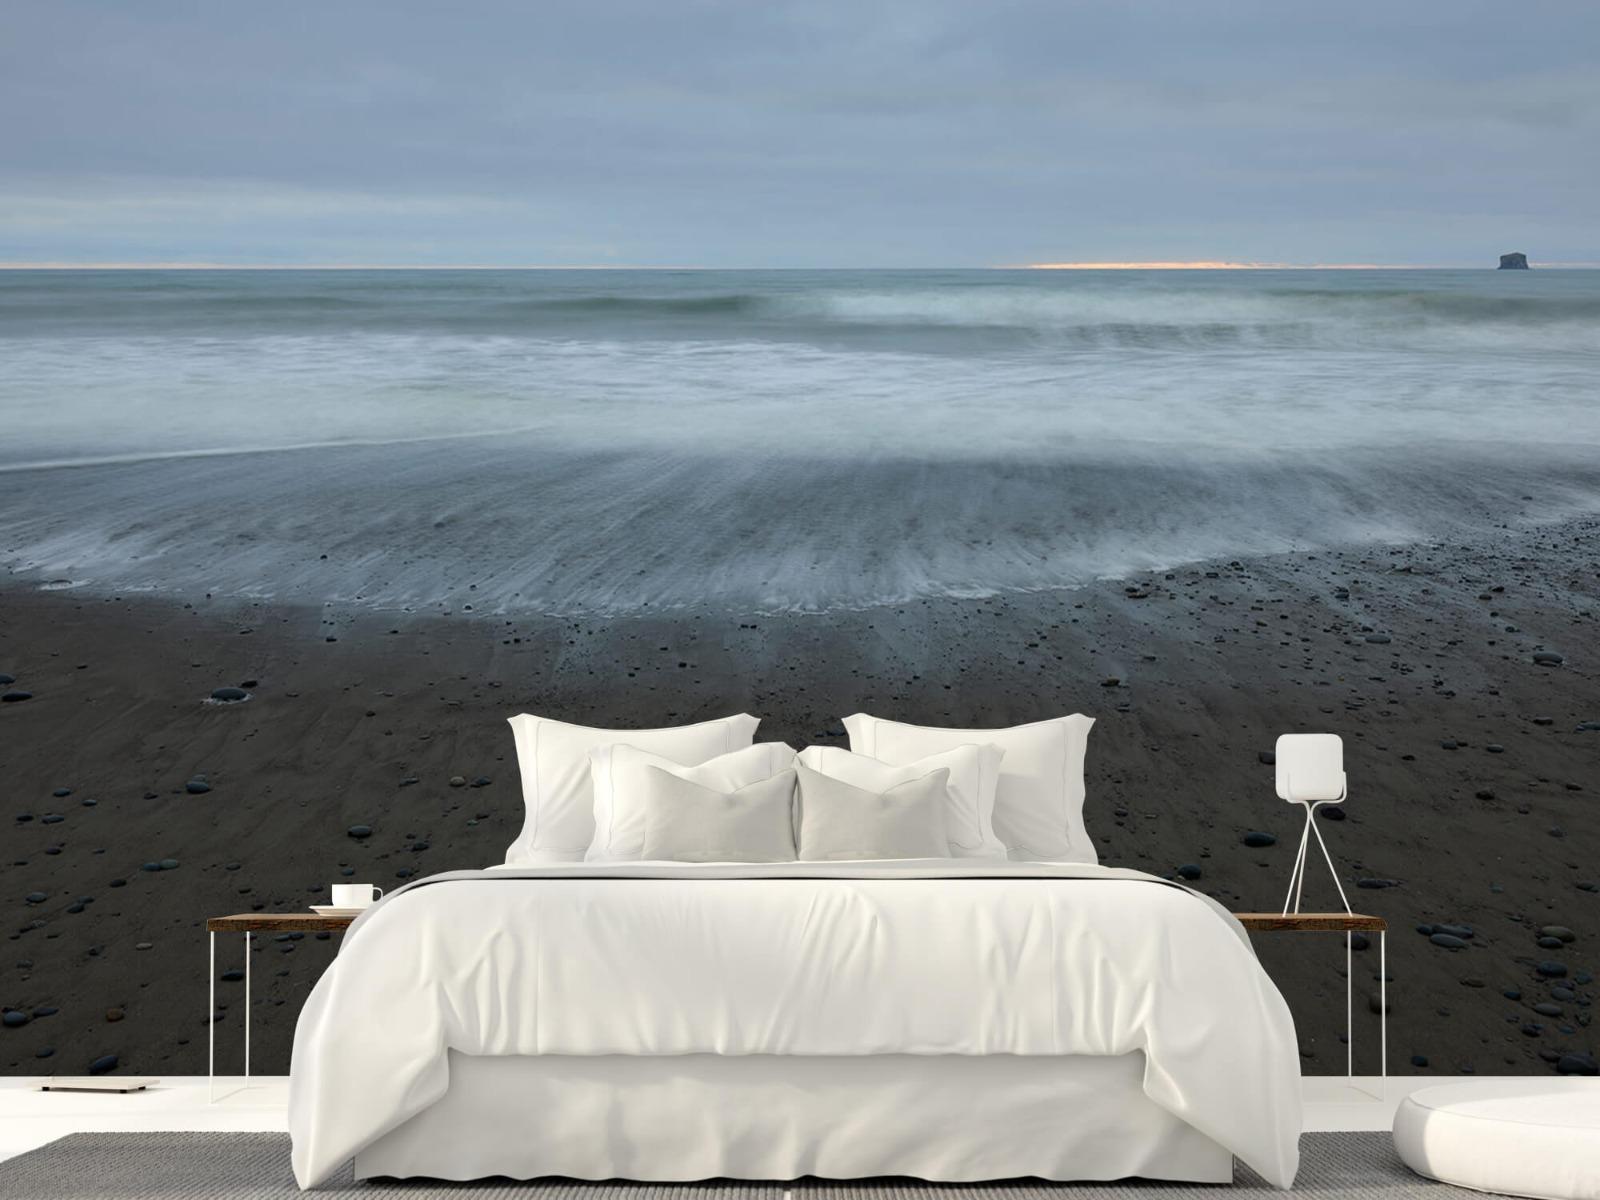 Zeeën en Oceanen - Golven aan het strand - Slaapkamer 22